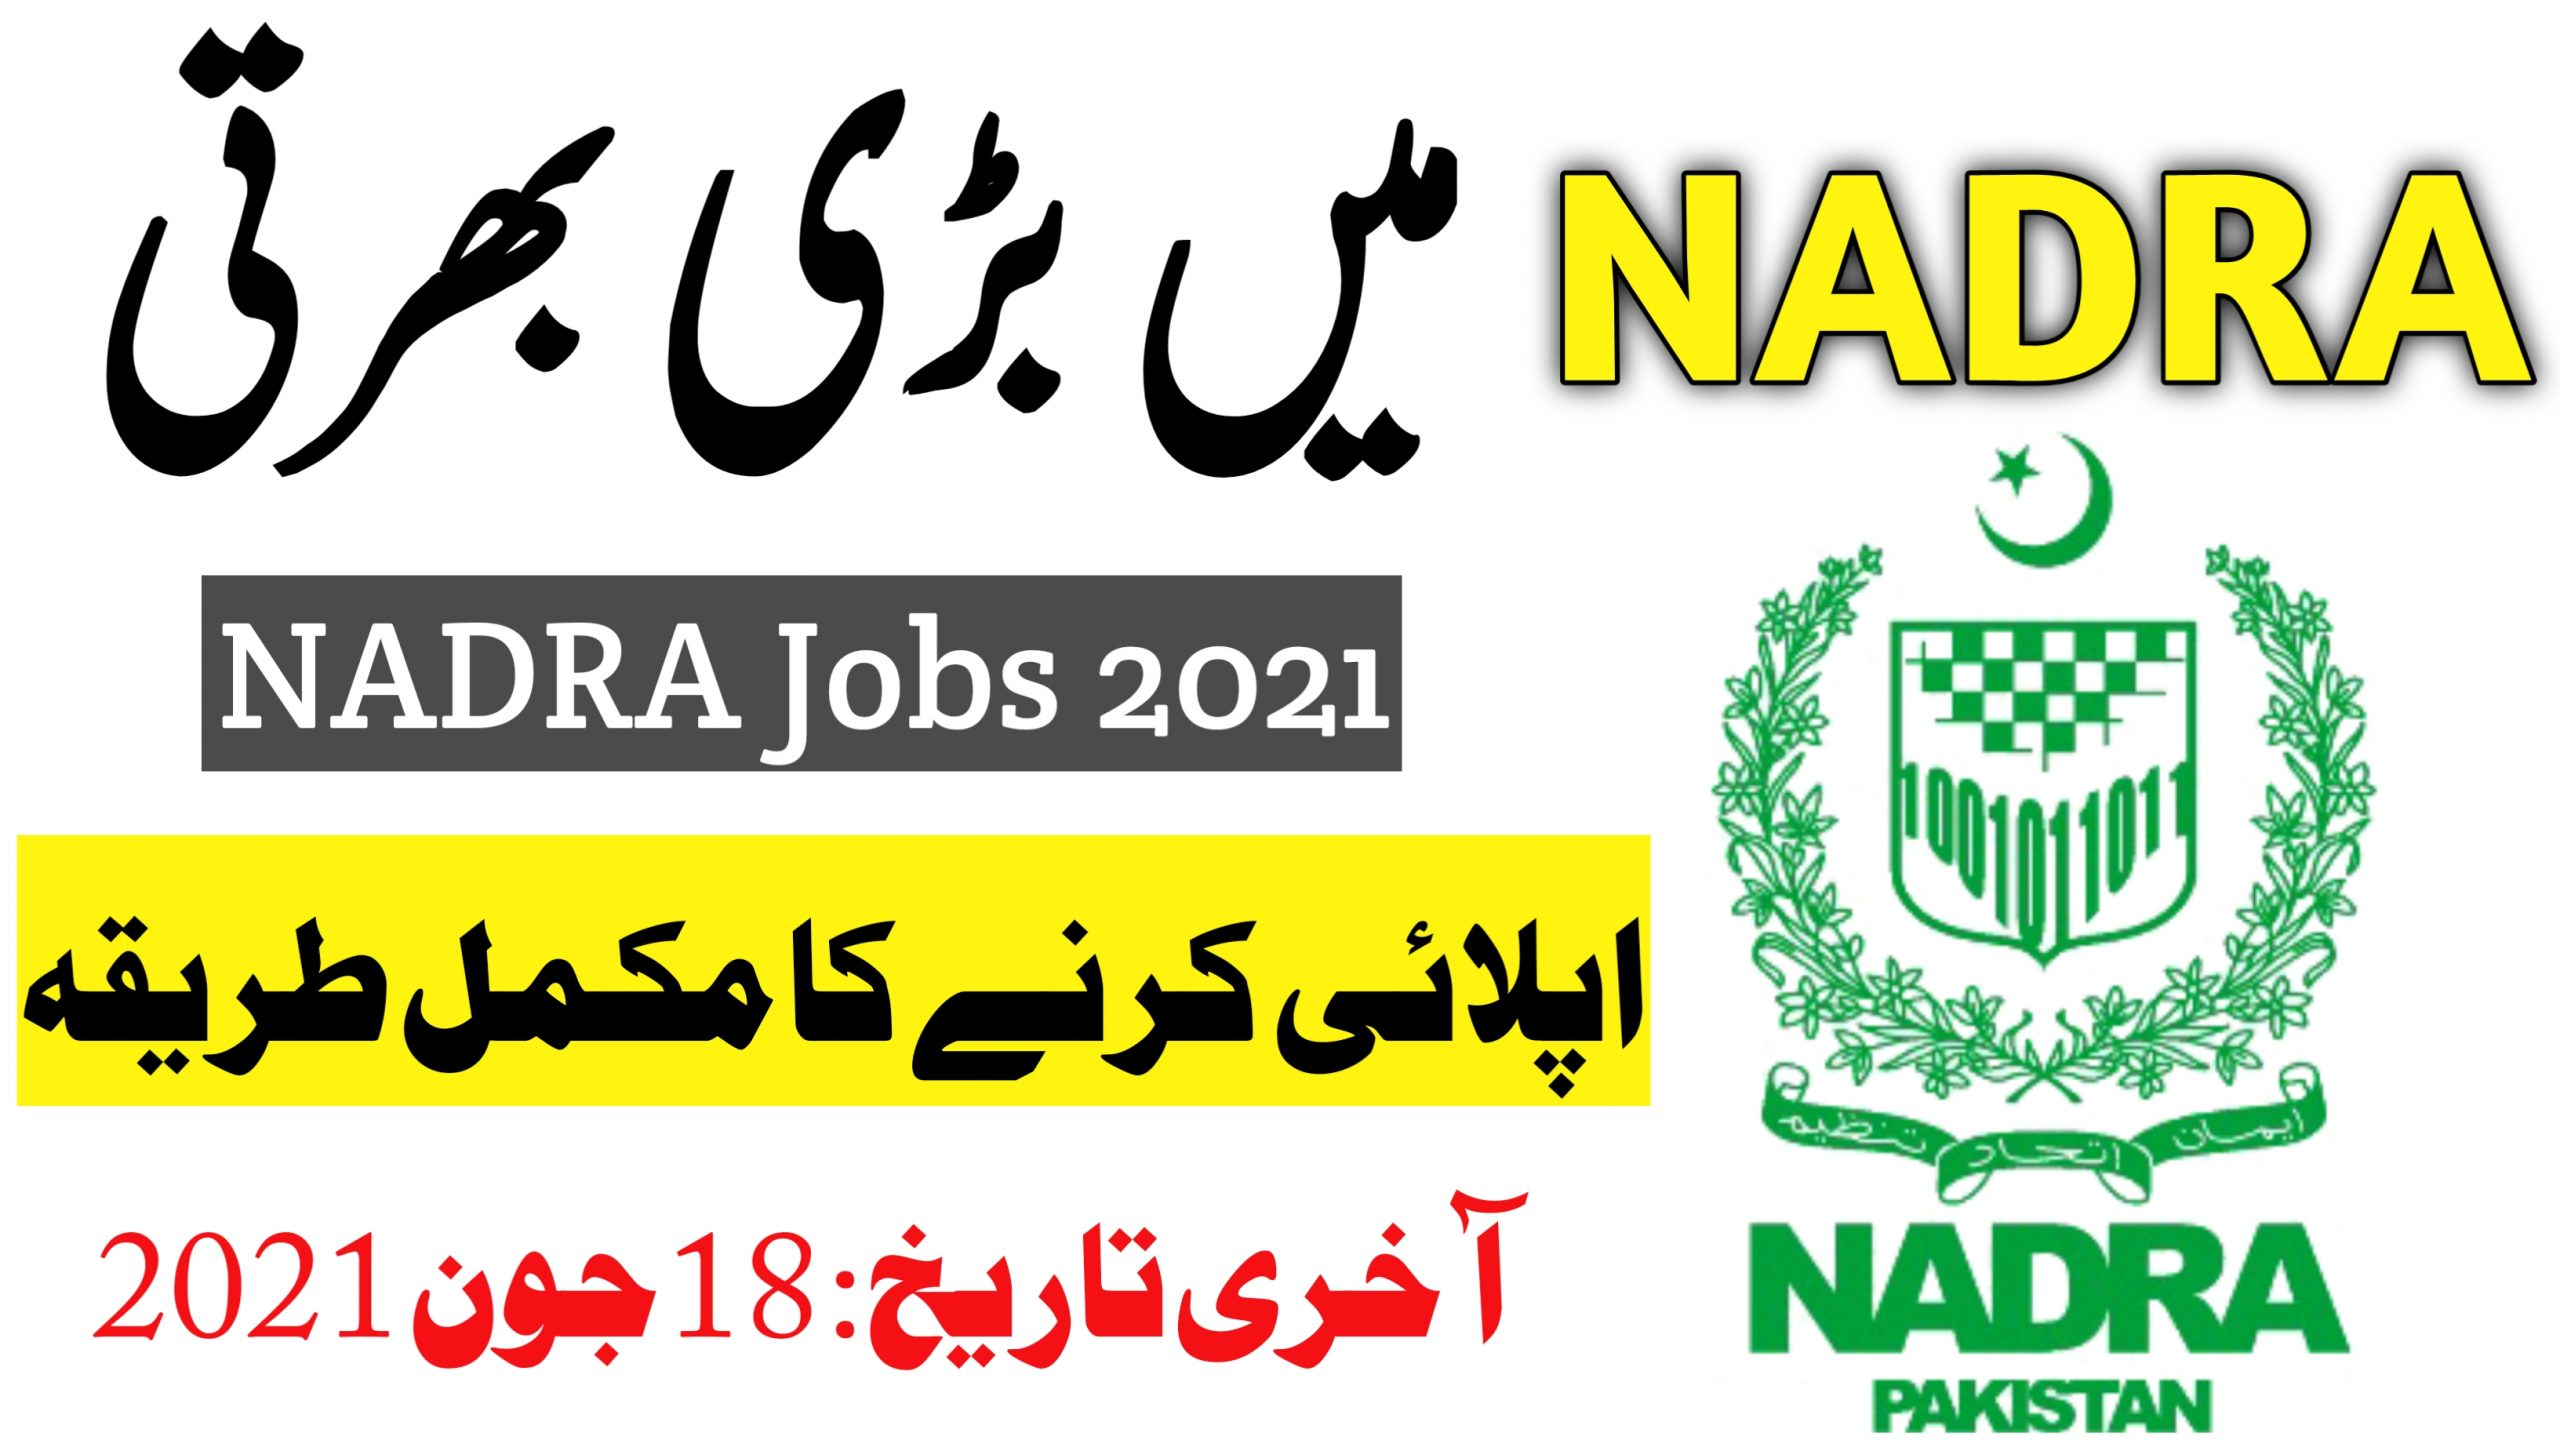 NADRA jobs 2021